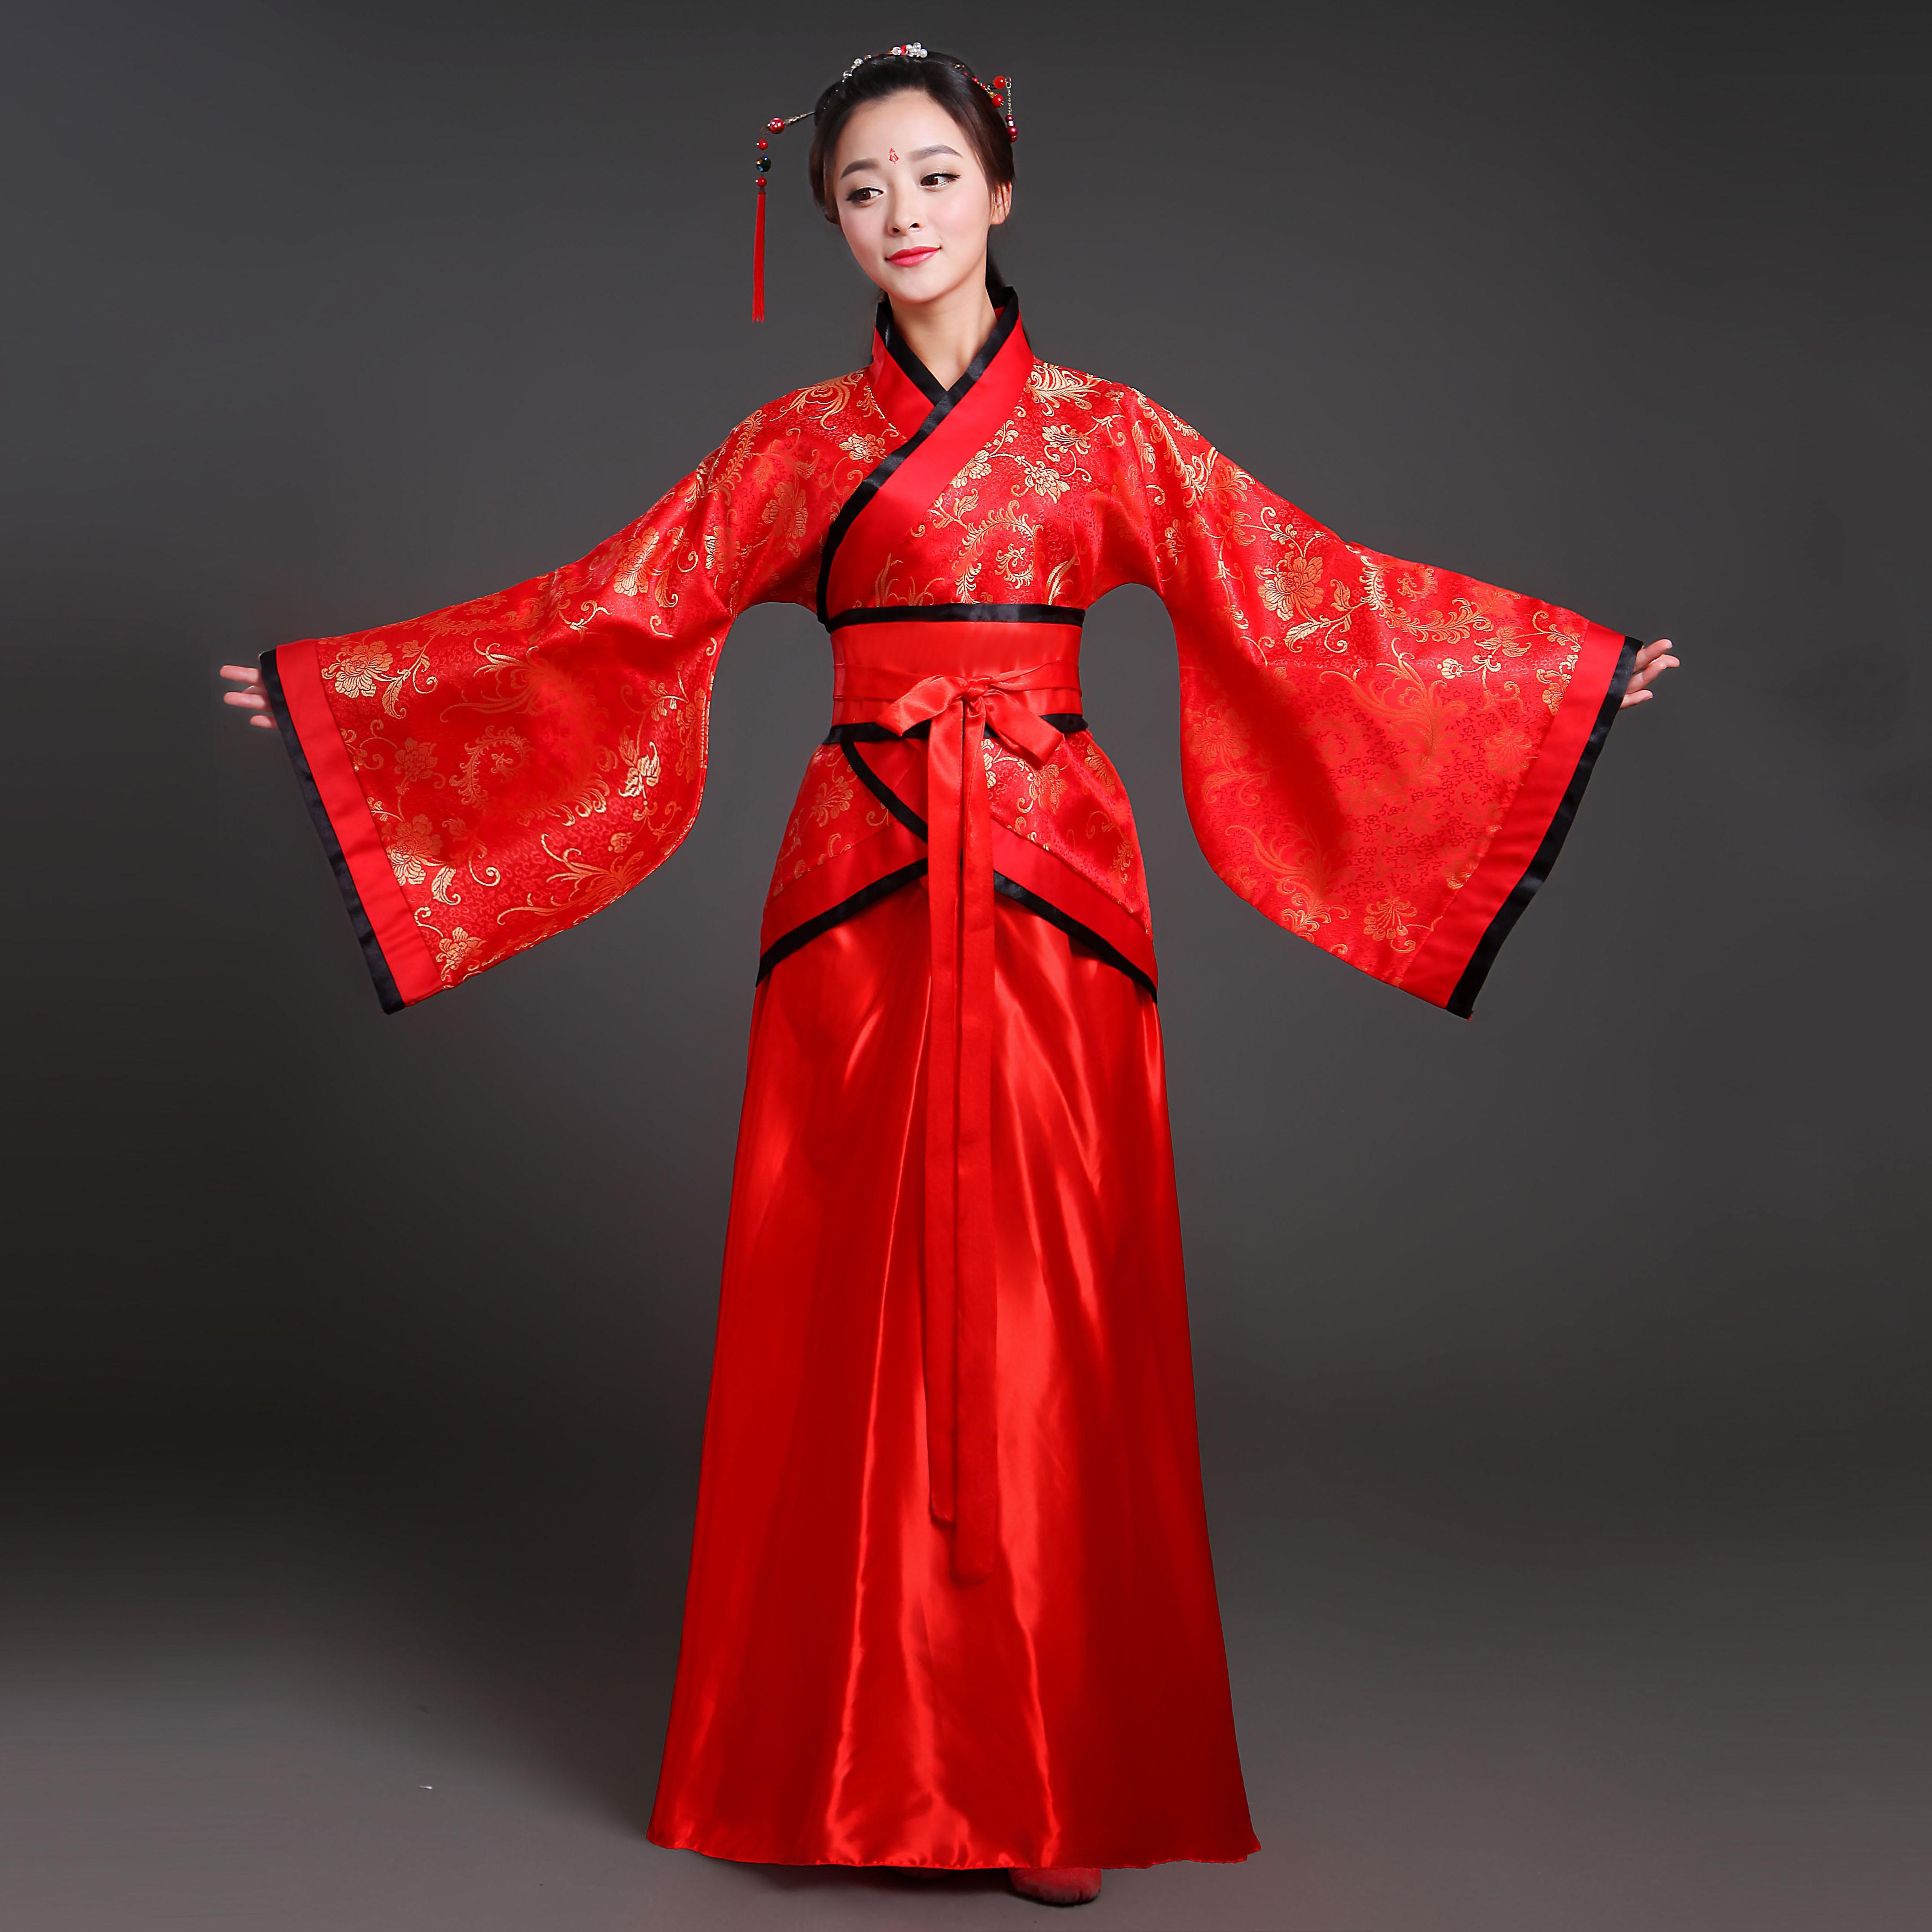 2020 национальный костюм ханьфу Древний китайский Карнавальный Костюм Древний китайский Hanfu женская одежда Hanfu женское китайское платье для сценыТанцевальный костюм для китайских народный танцев    АлиЭкспресс